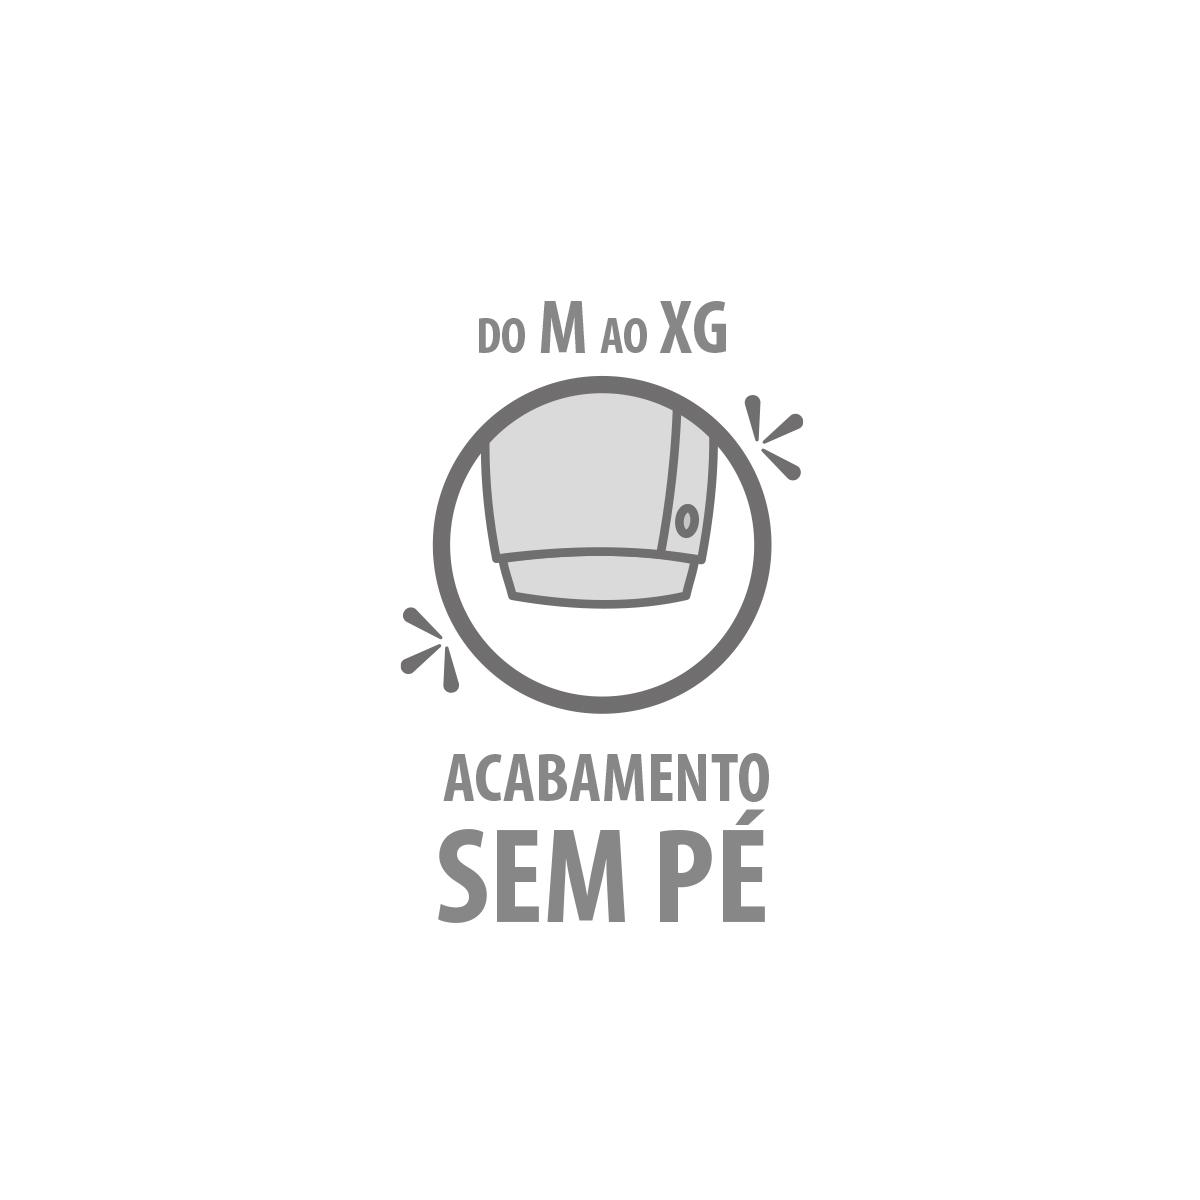 Macacão Bebê Longo Zíper Marinho - RN e P com pezinho; M, G e XG sem pezinho  - Piu Blu